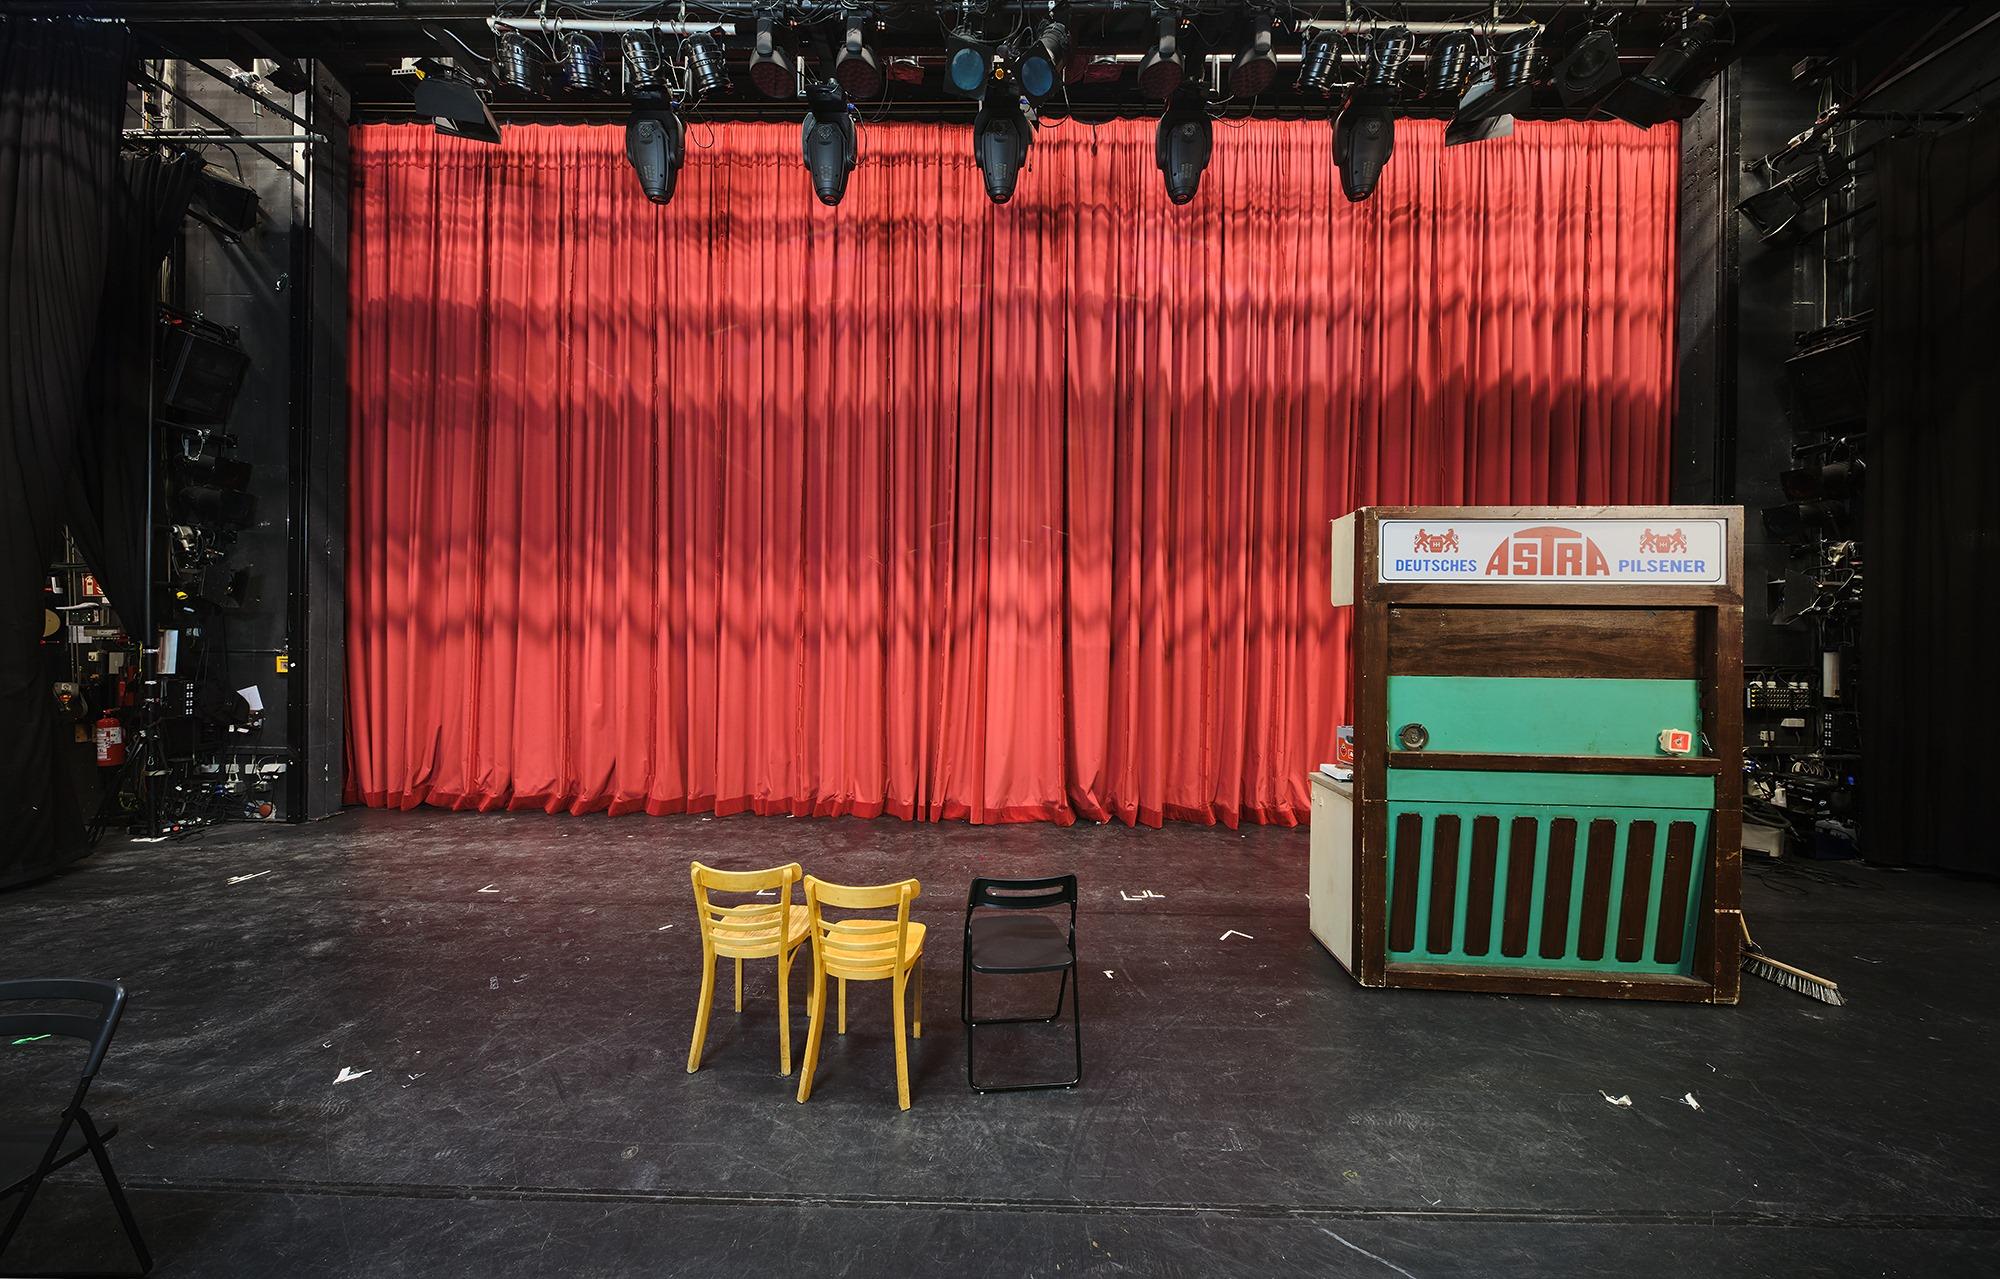 Lust aufs Theater? Genieße das facettenreiche Programm der digitalen Theaternacht.